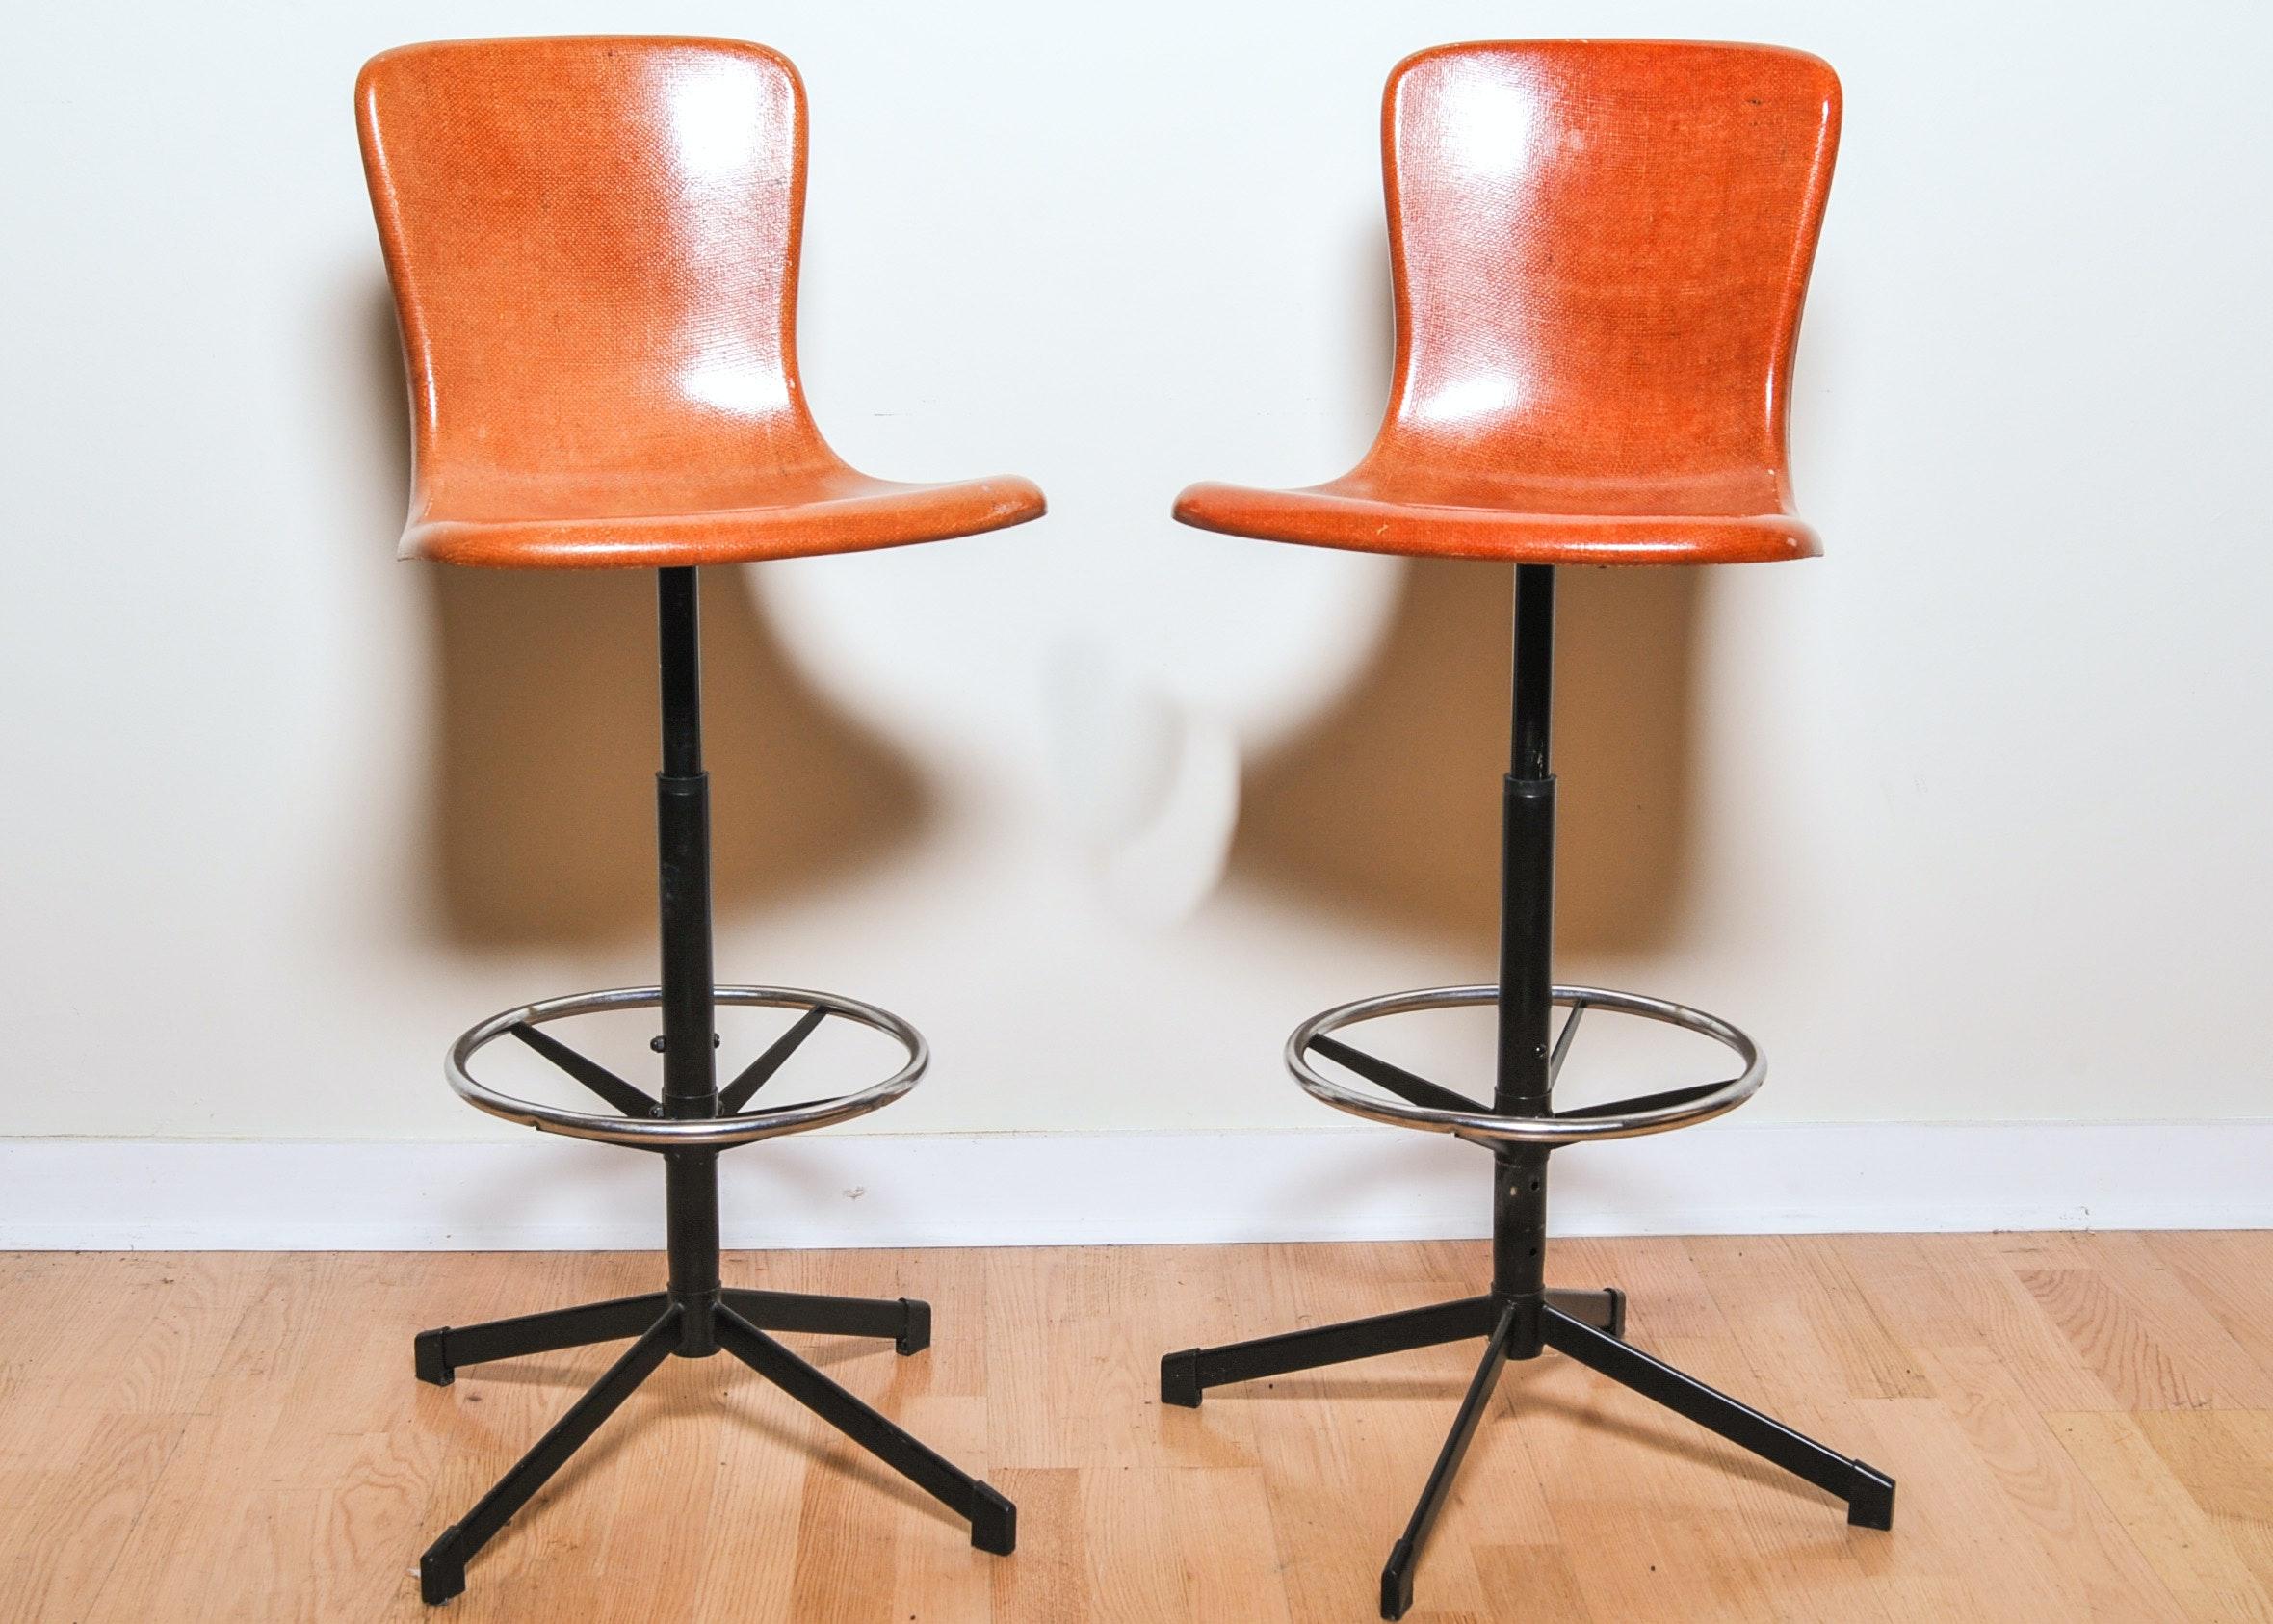 pair of midcentury fiberglass barstools - Retro Chairs